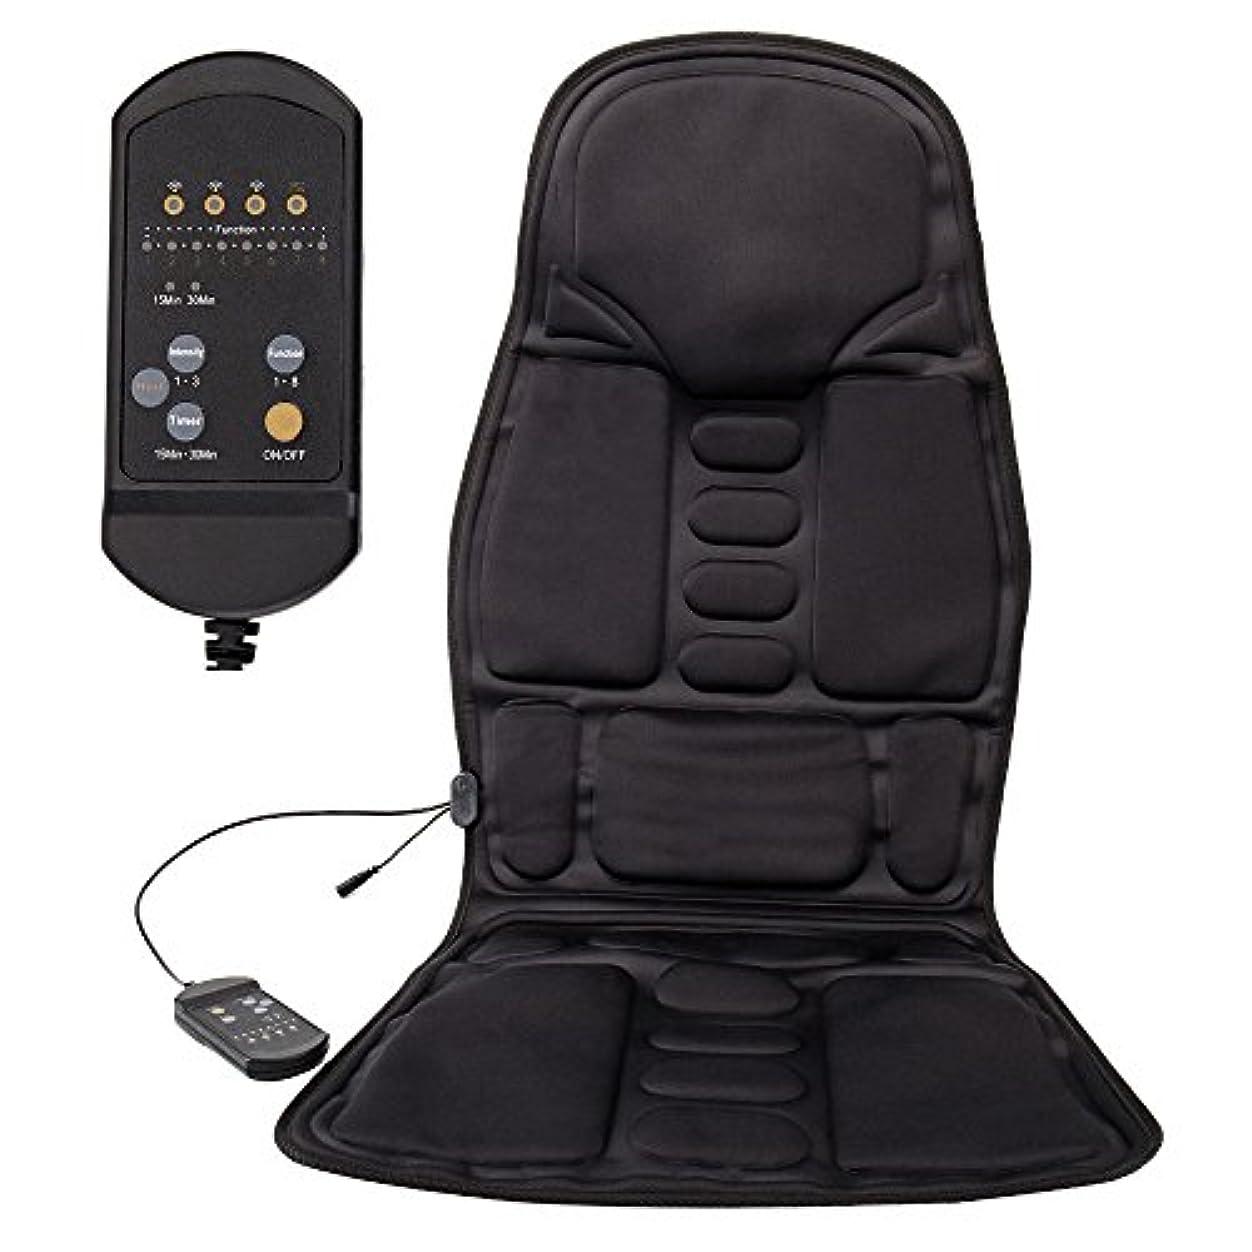 増幅する学部理想的にはLoveStory マッサージシート シートマッサージャー カーシートカバー マッサージ器 座椅子用 高品質PUレザー製車載用ツインバードマッサージシート ヒーターマッサージ 5機能5もみ玉付き 汎用 椅子や座椅子用 持...